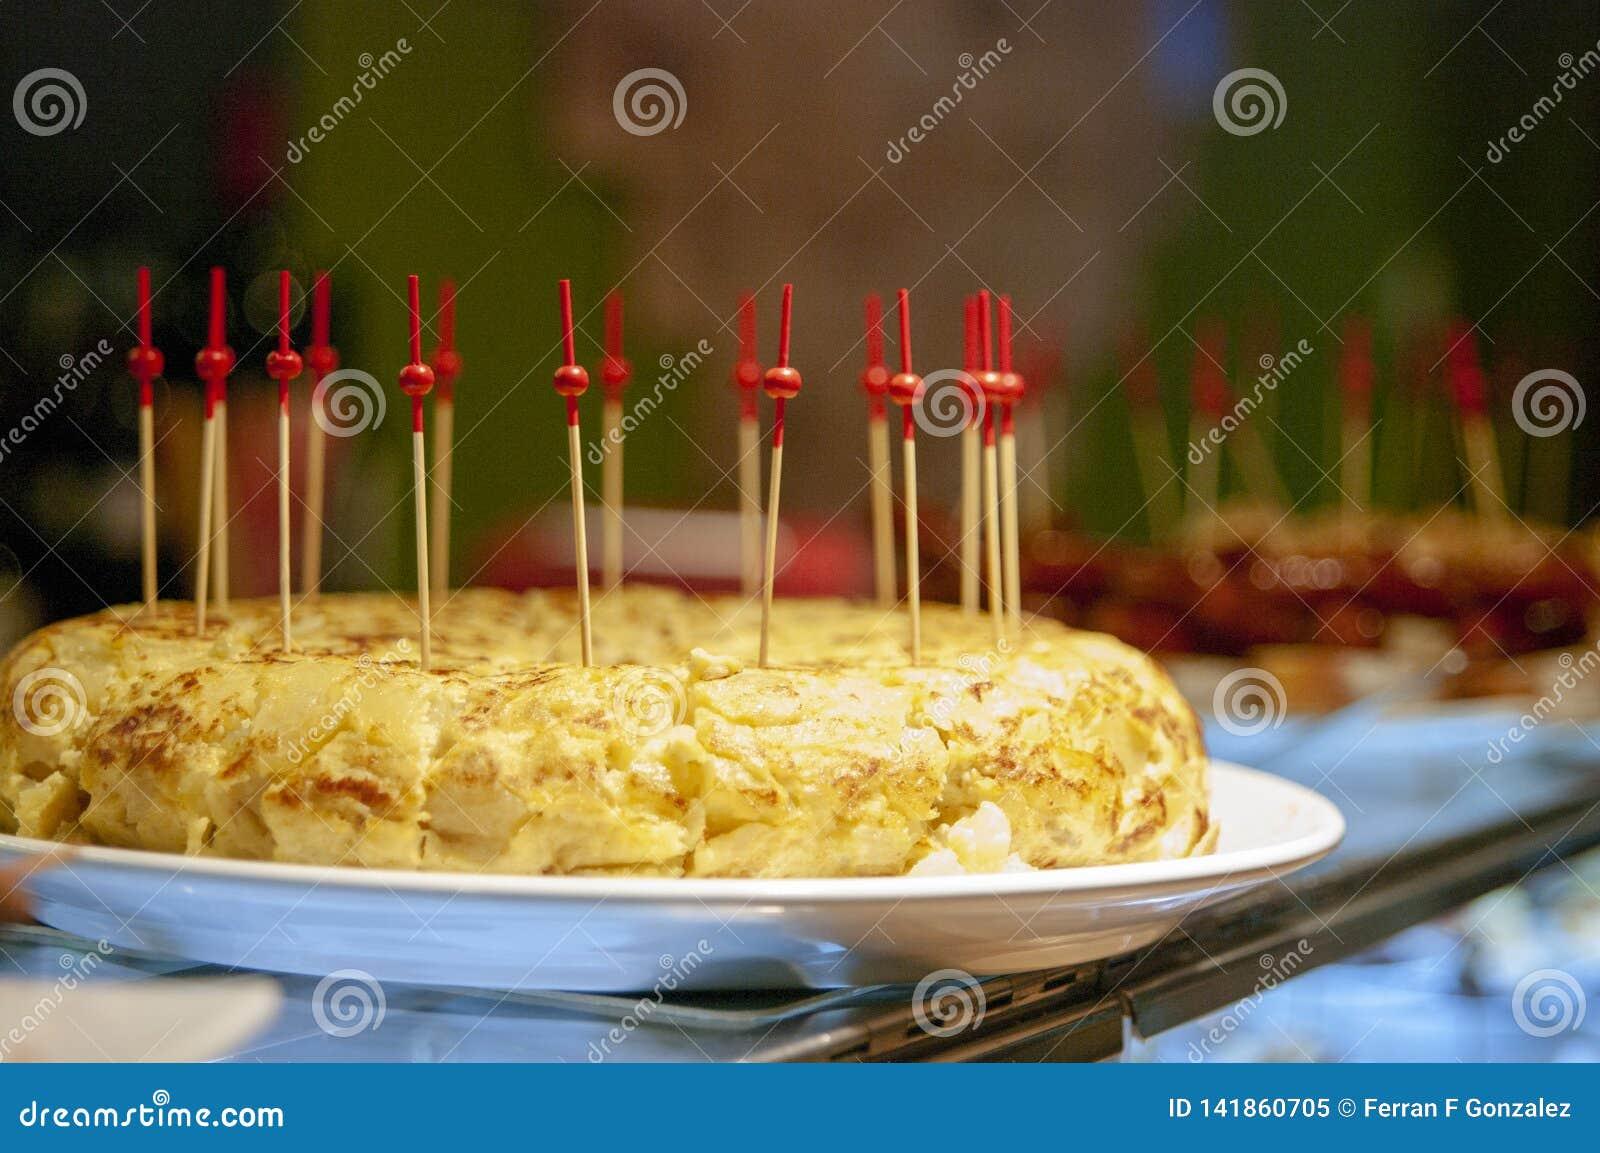 Omelett Spanische Tortilla Pinchos und Tapas